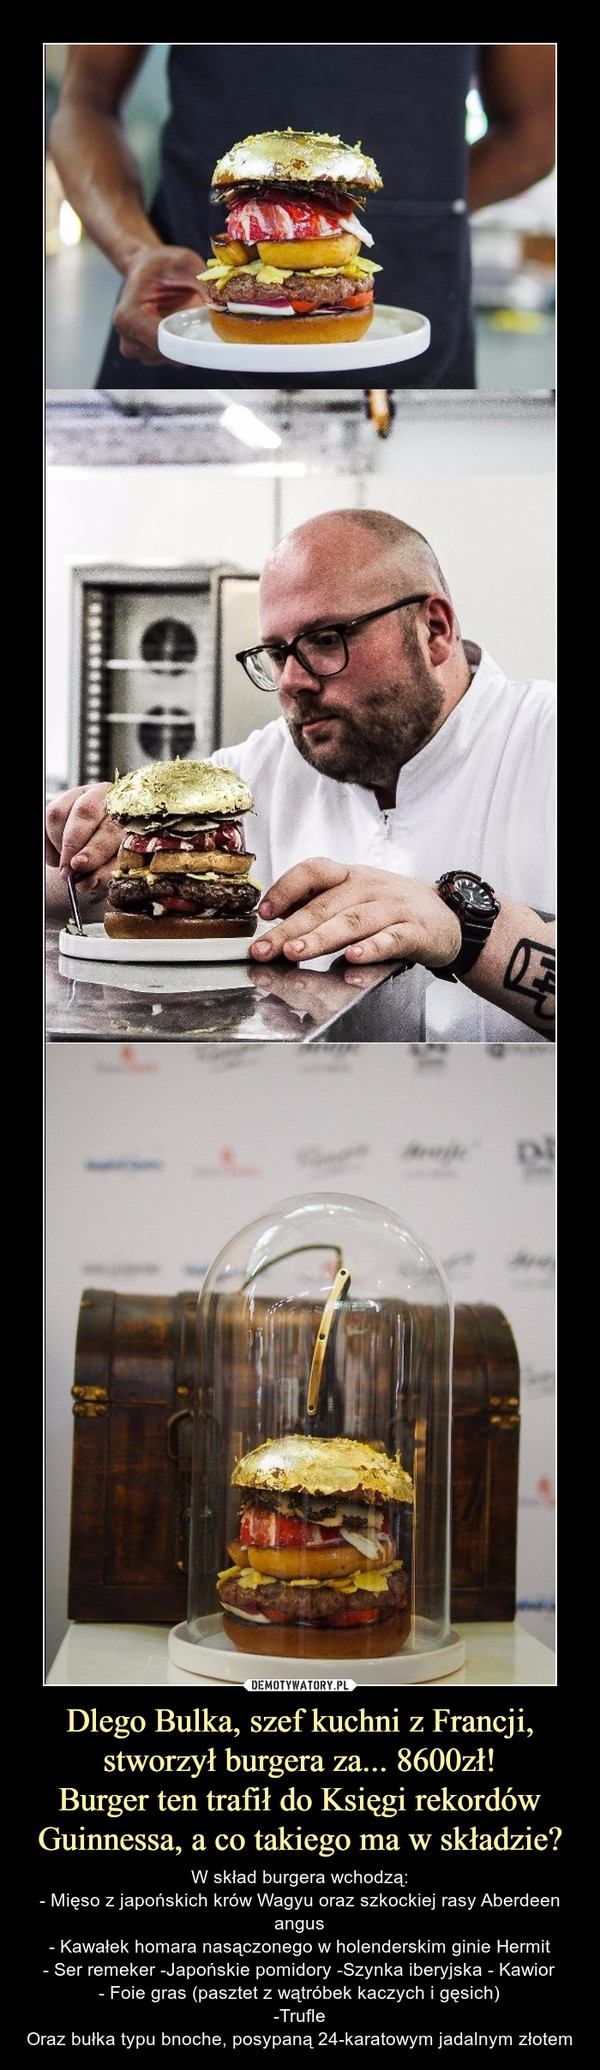 Dlego Bulka, szef kuchni z Francji, stworzył burgera za... 8600zł!Burger ten trafił do Księgi rekordów Guinnessa, a co takiego ma w składzie? – W skład burgera wchodzą:- Mięso z japońskich krów Wagyu oraz szkockiej rasy Aberdeen angus- Kawałek homara nasączonego w holenderskim ginie Hermit- Ser remeker -Japońskie pomidory -Szynka iberyjska - Kawior- Foie gras (pasztet z wątróbek kaczych i gęsich)-TrufleOraz bułka typu bnoche, posypaną 24-karatowym jadalnym złotem